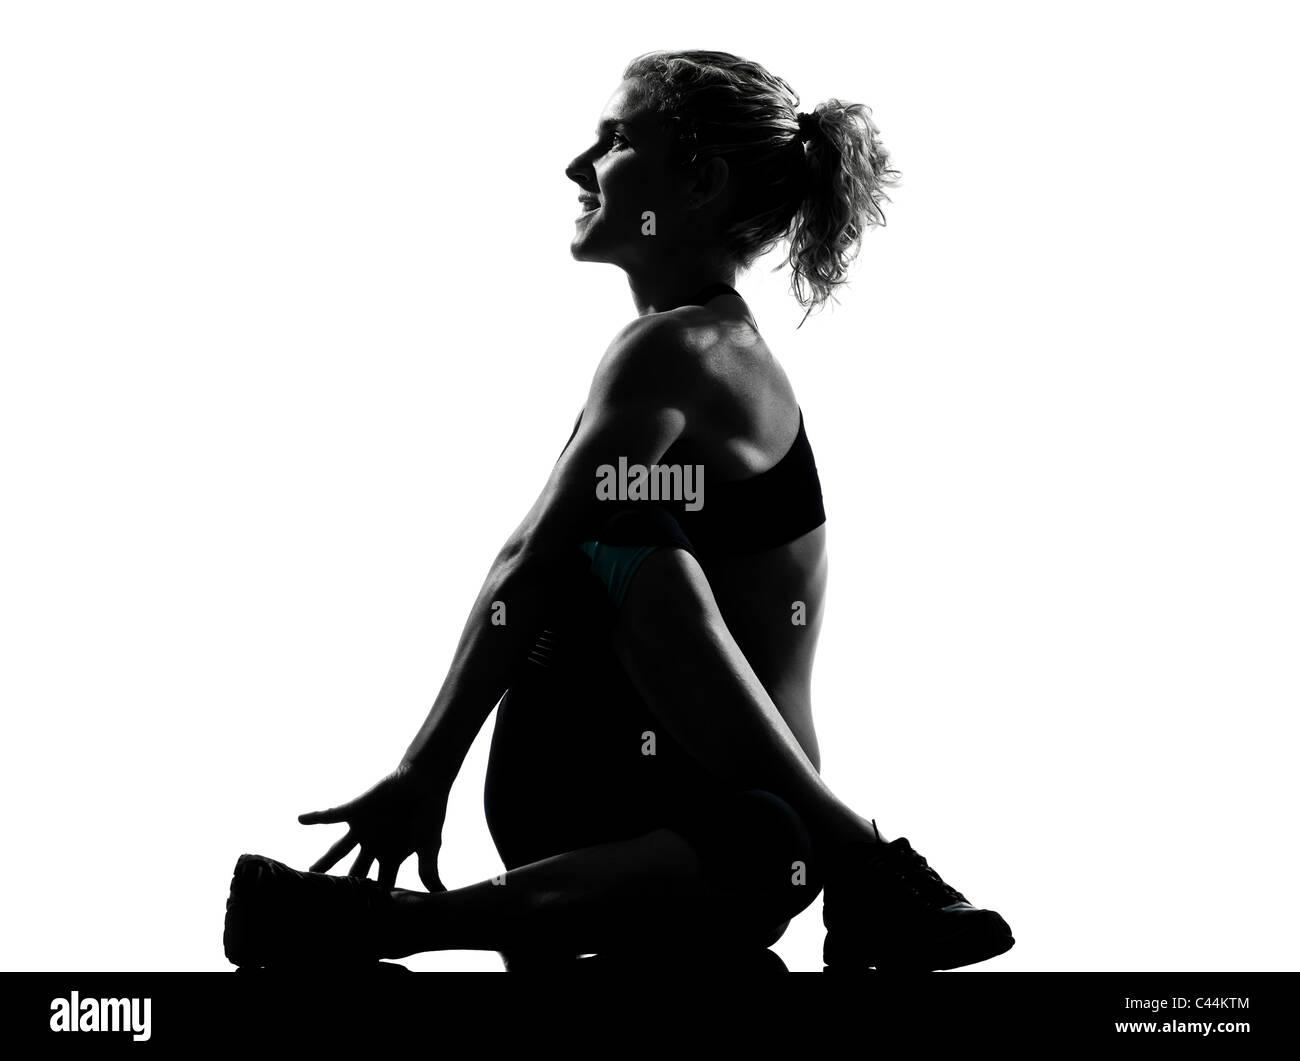 Una donna che esercitano il riscaldamento yoga stretching rotazione postura fitness allenamento aerobico sulla postura Immagini Stock